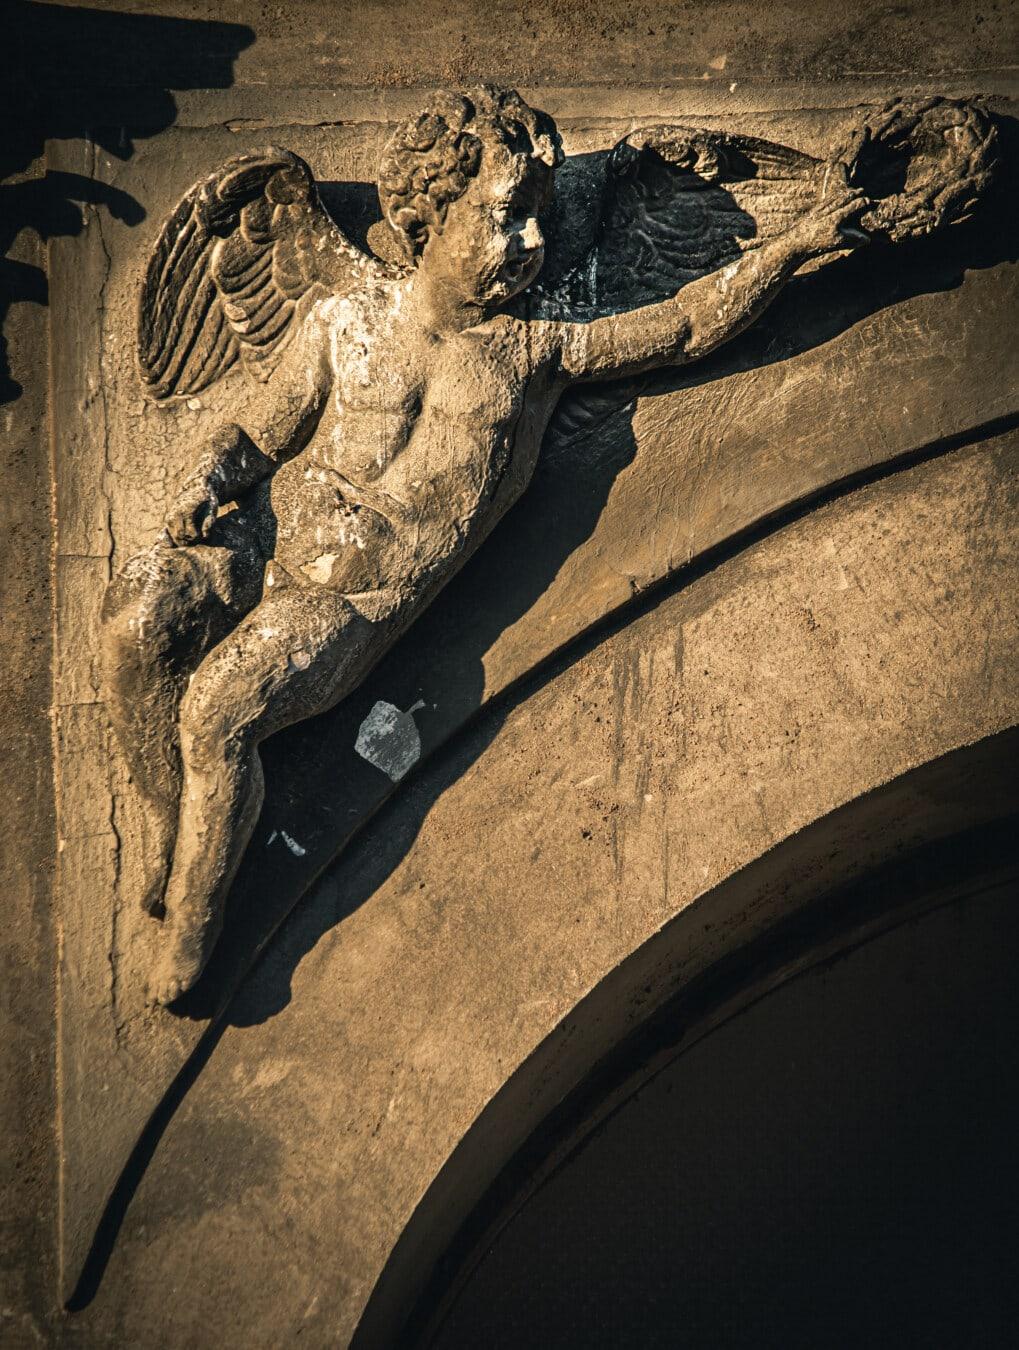 Ange, noir, sombre, sculpture, ailes, enfant, façade, art, statue de, musée